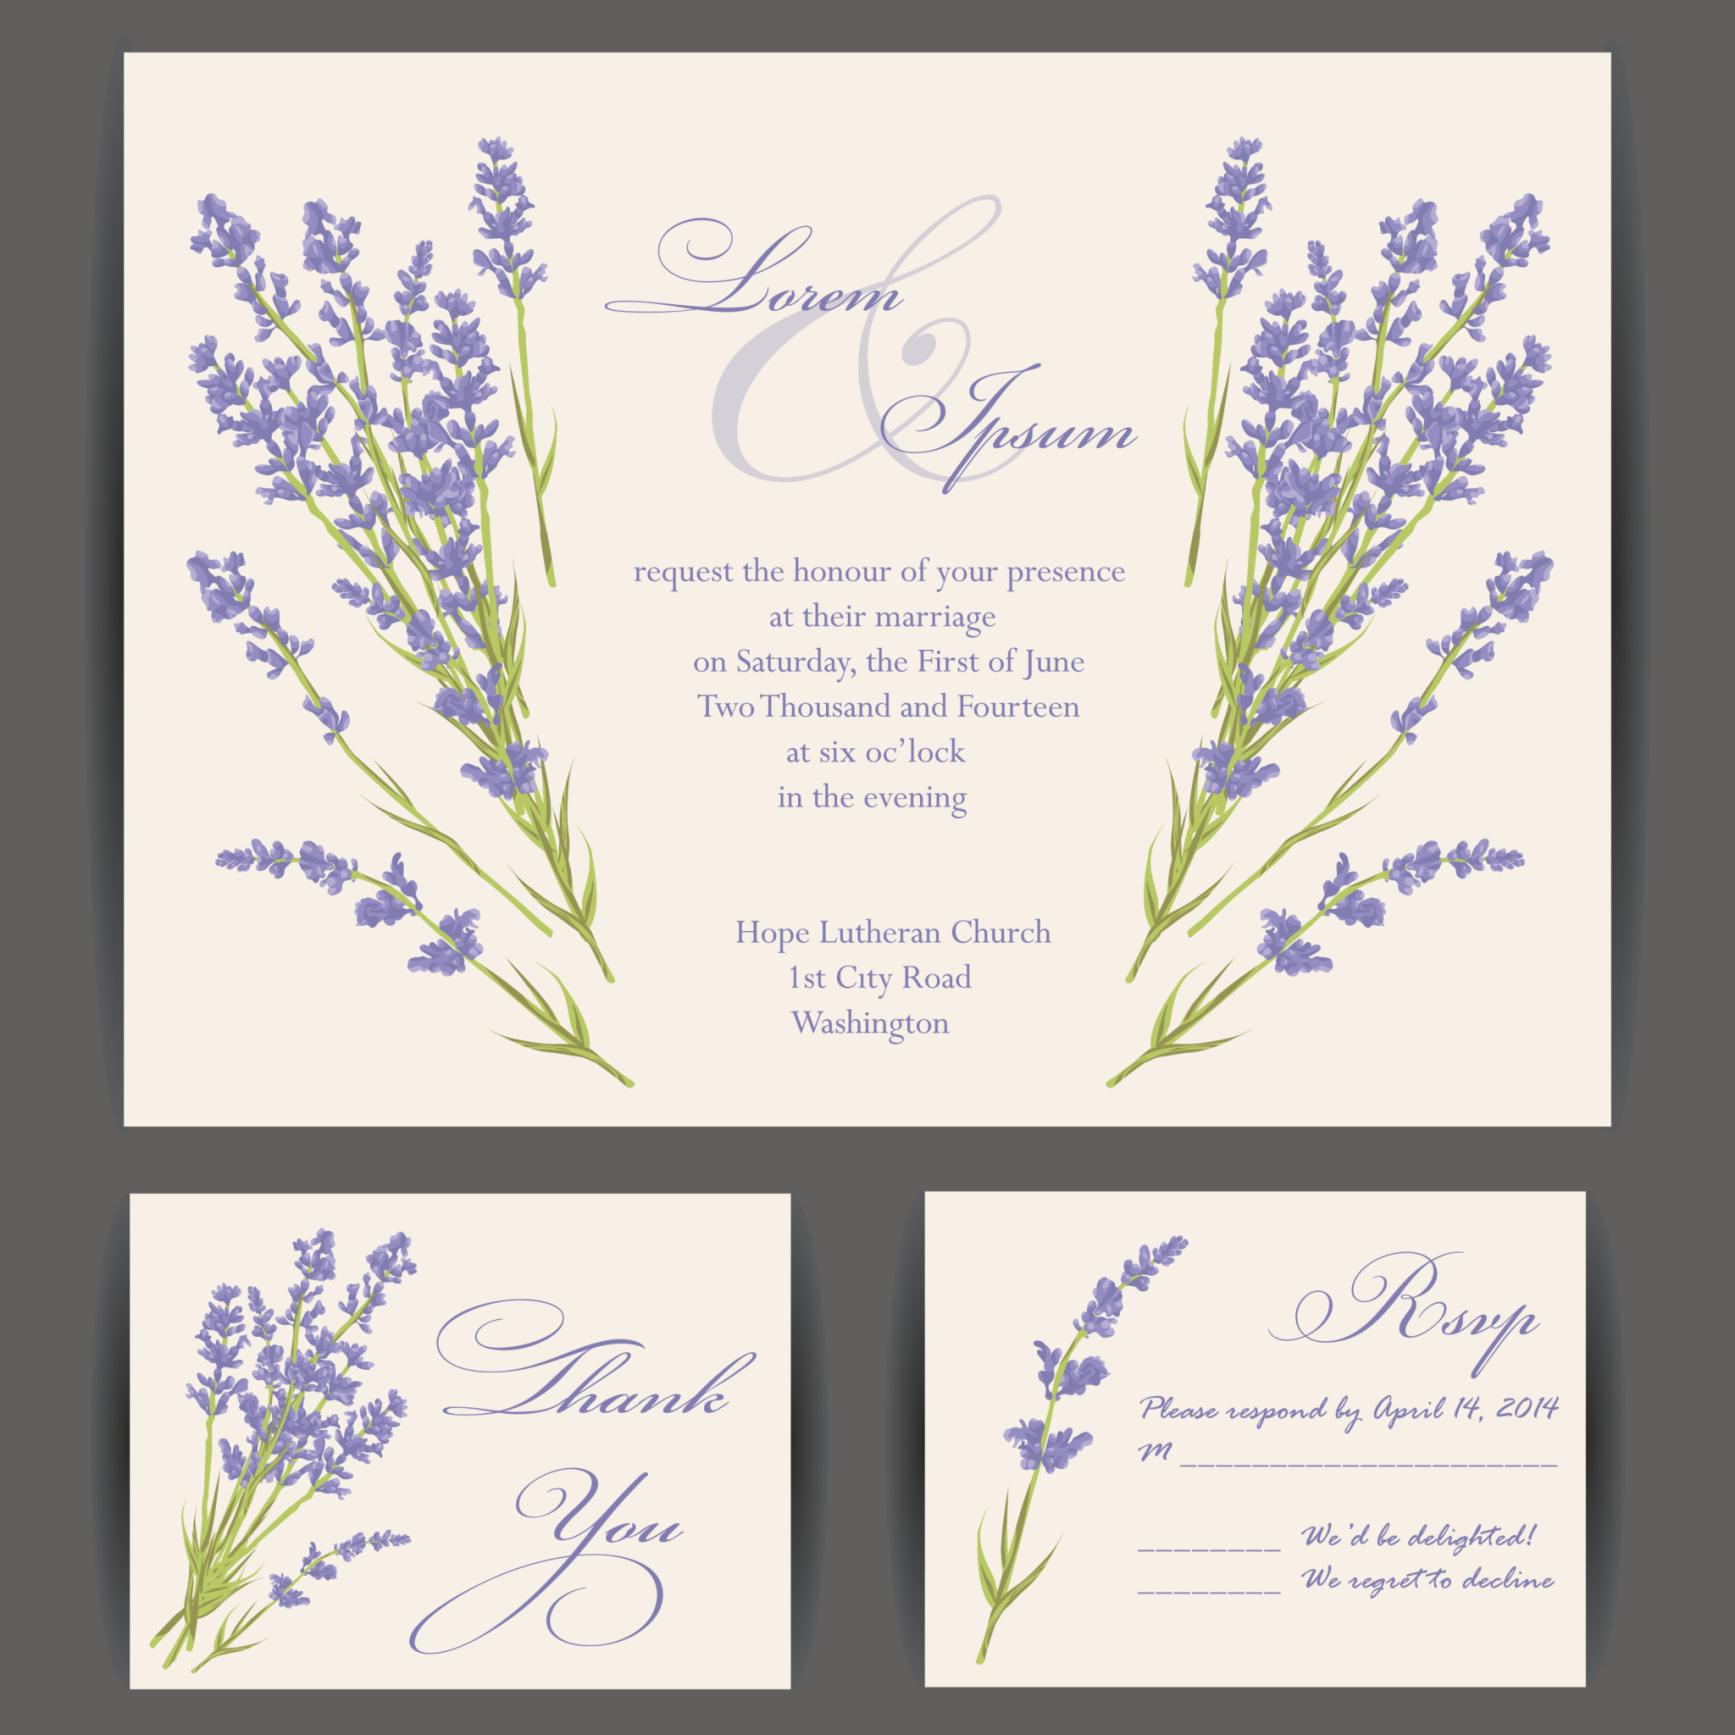 Wedding Invitation Wording Etiquette: Proper Wedding Invitation Etiquette